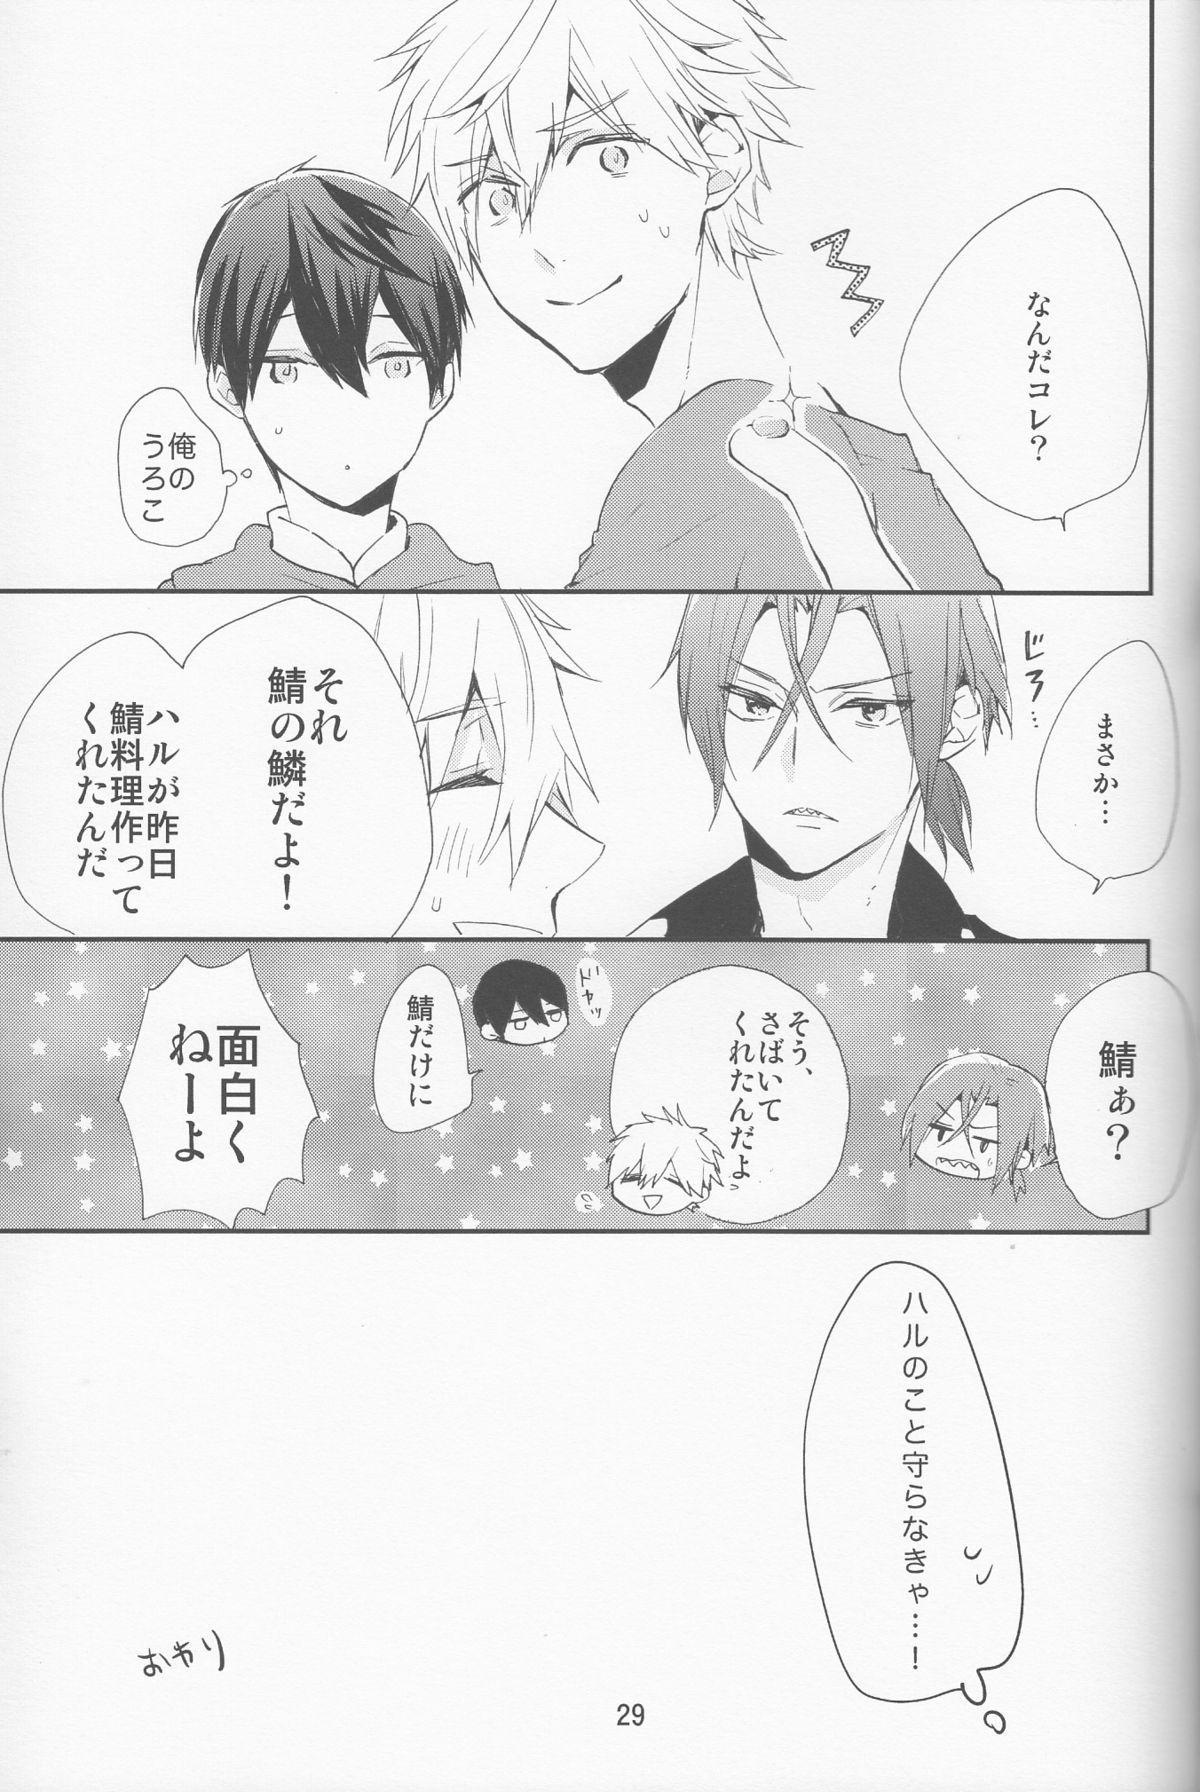 Shouboushi to Ningyo no Hon. 27